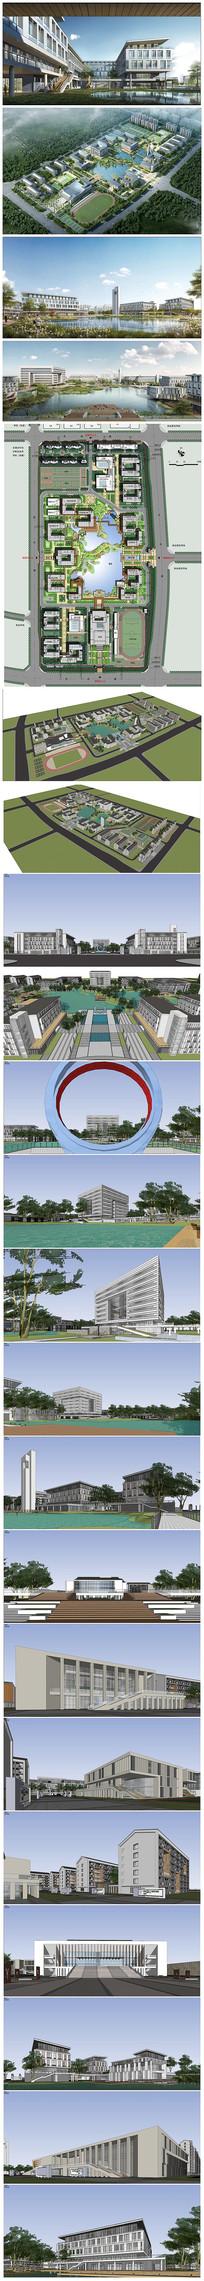 徽派中式职业规划建筑SU模型